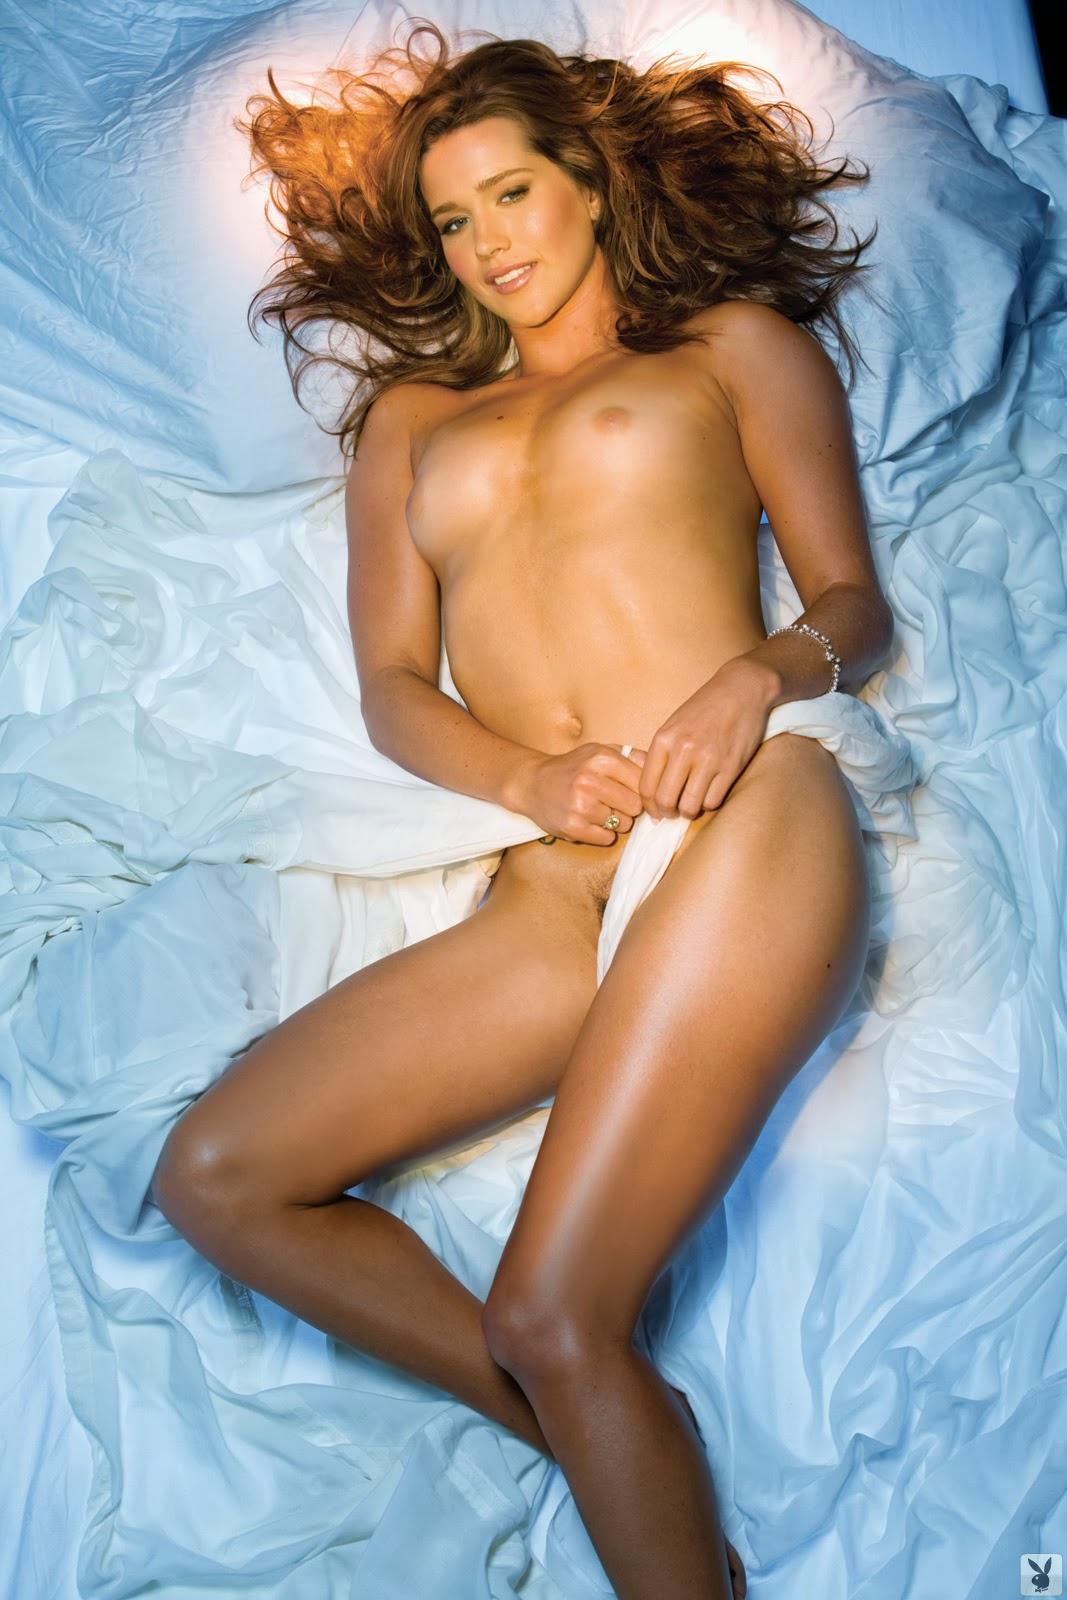 Nude pics harkleroad